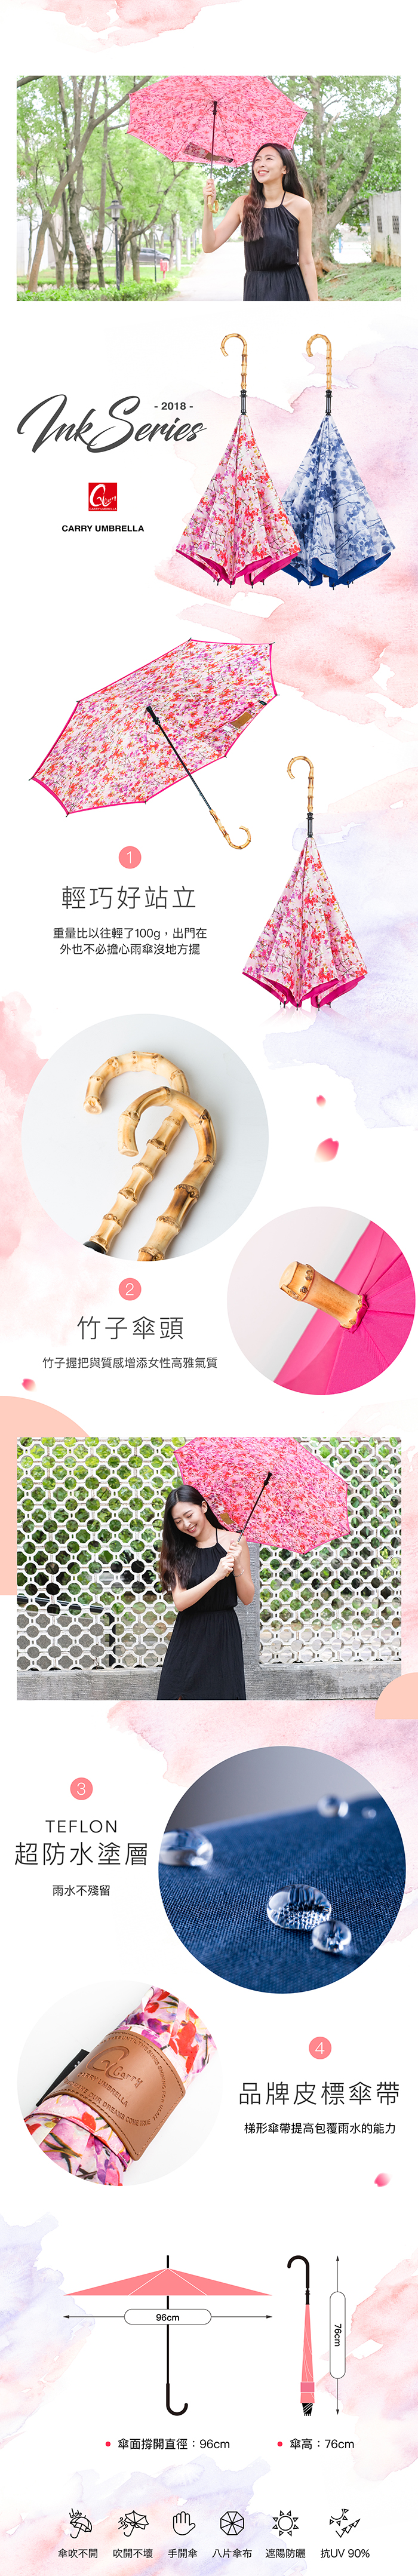 Carry|Ink series 反向傘(Flowerink)